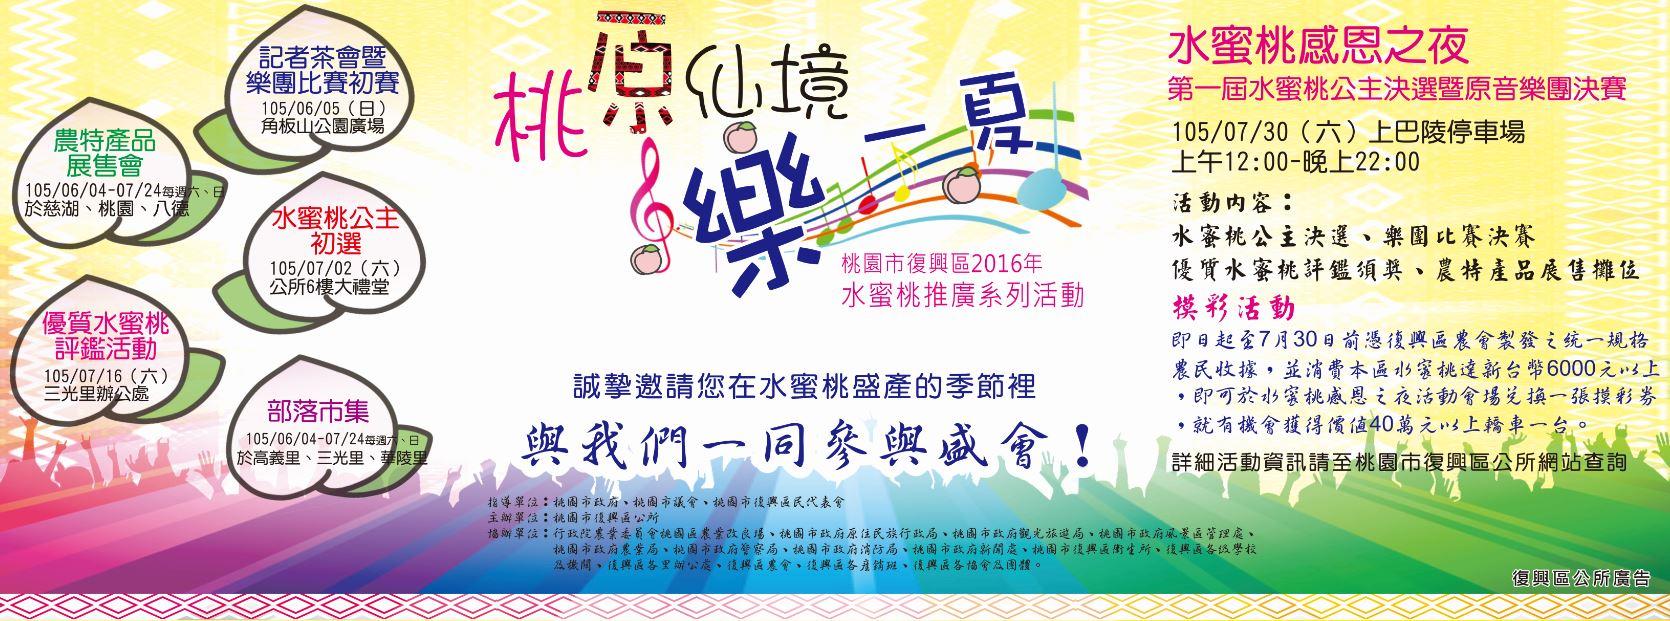 2016年拉拉山水蜜桃推廣系列活動